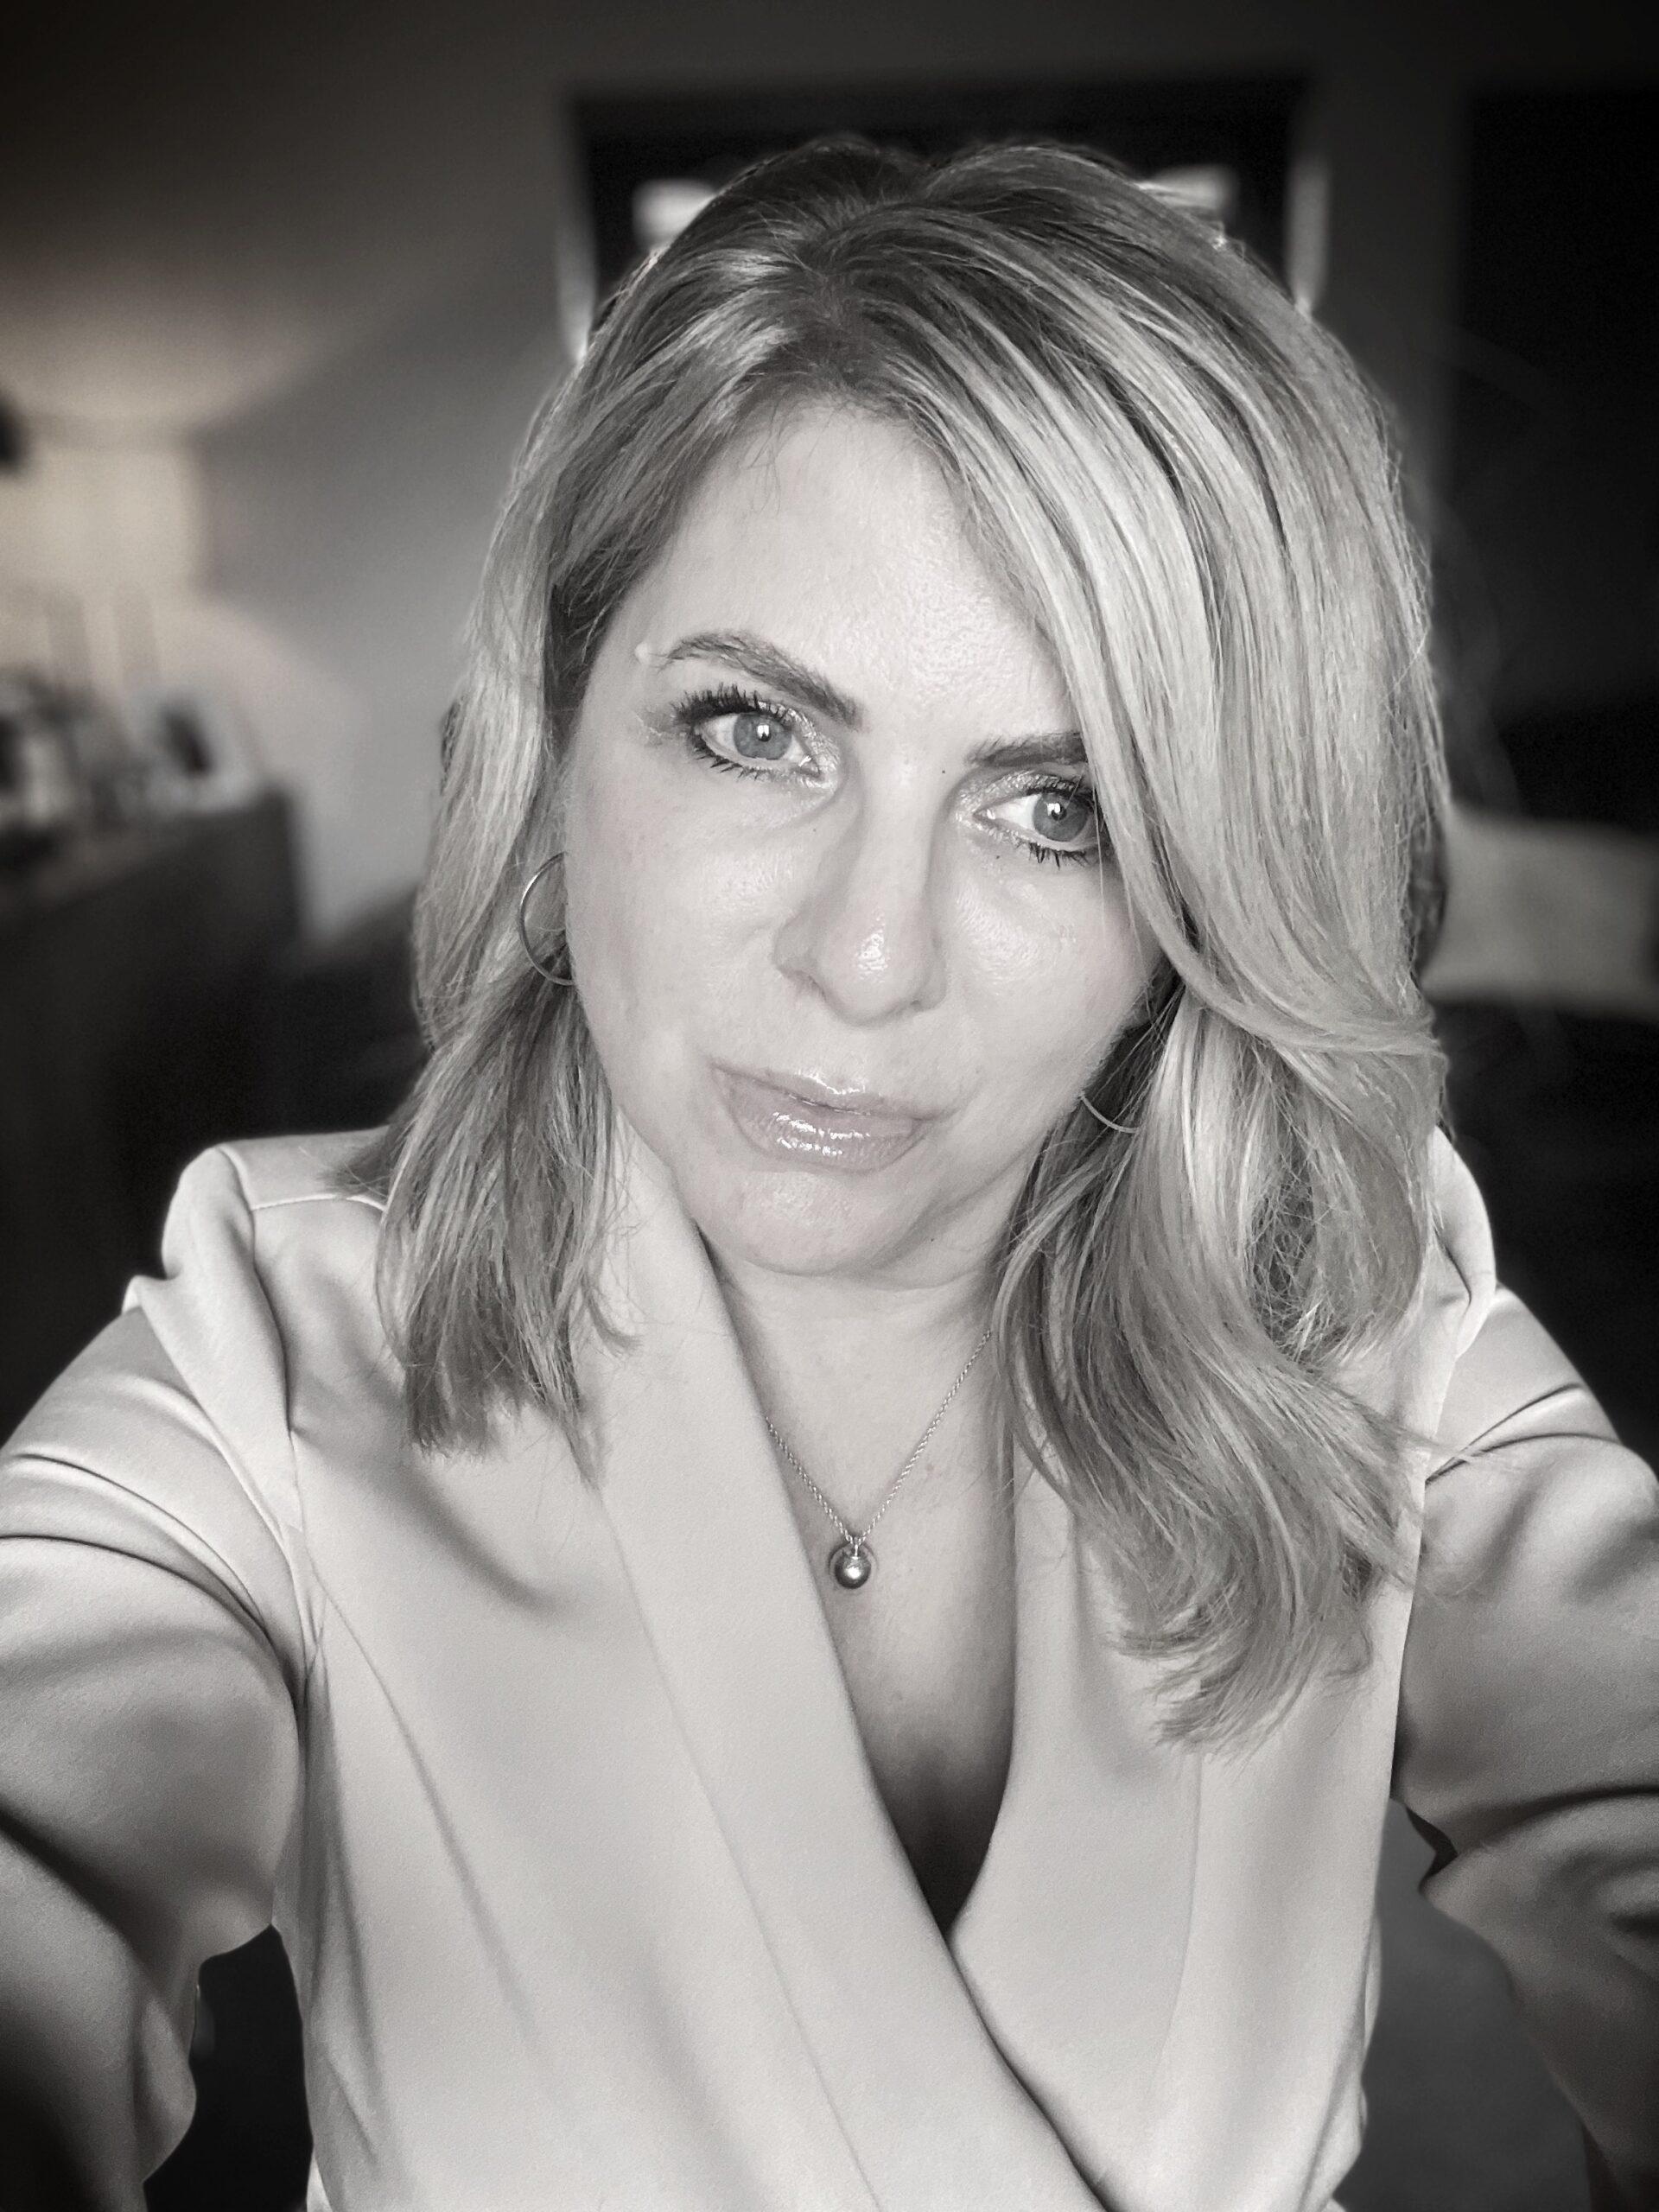 Charlotte Churchill smiling - the hair salon owner